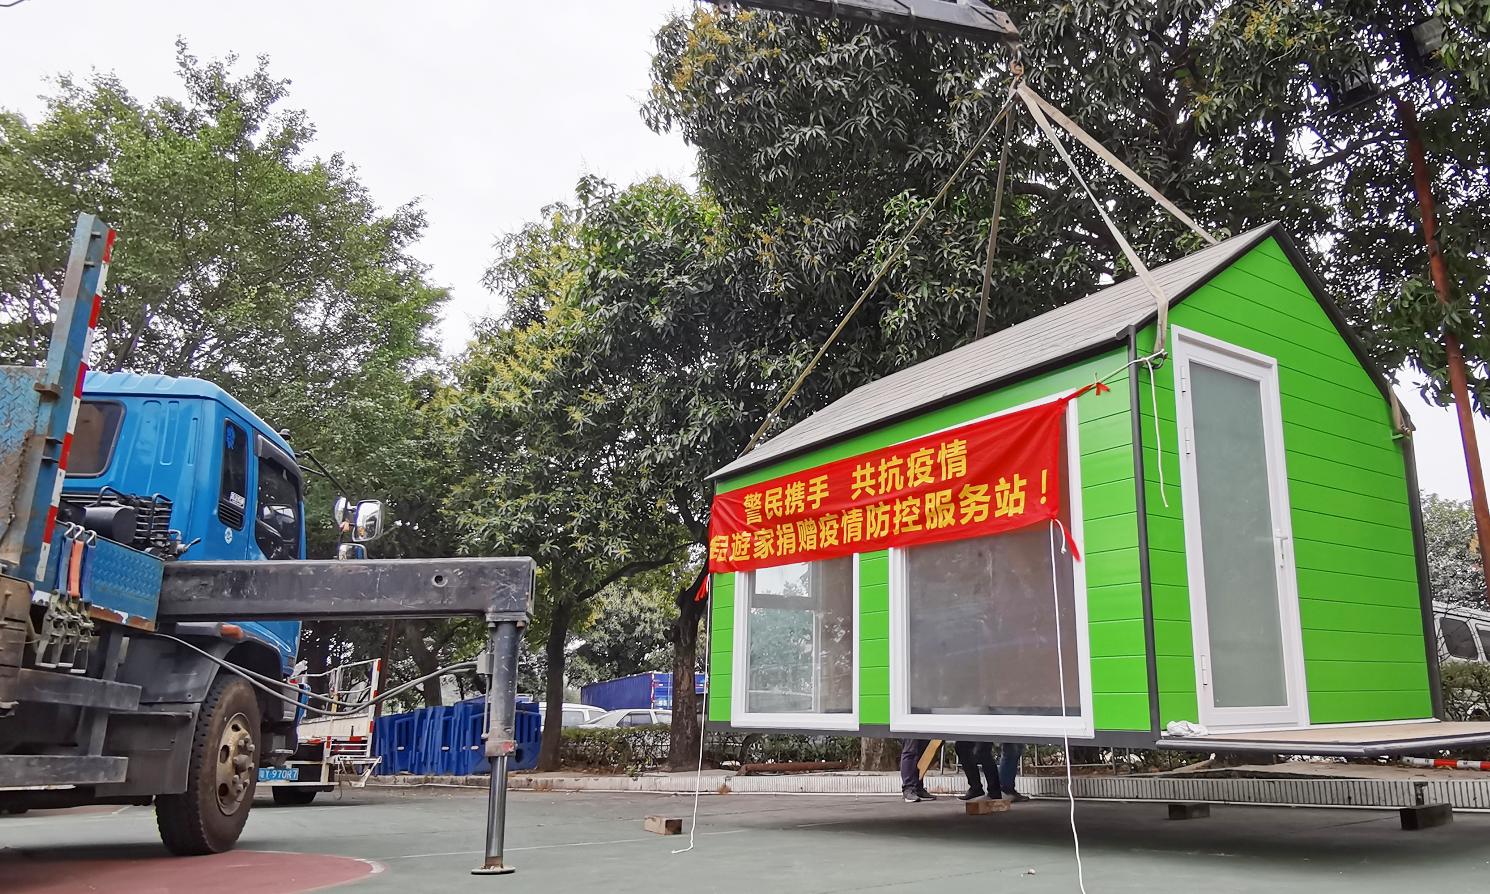 警民携手,共抗疫情 | 铝遊家捐赠南海公安防疫检查站!